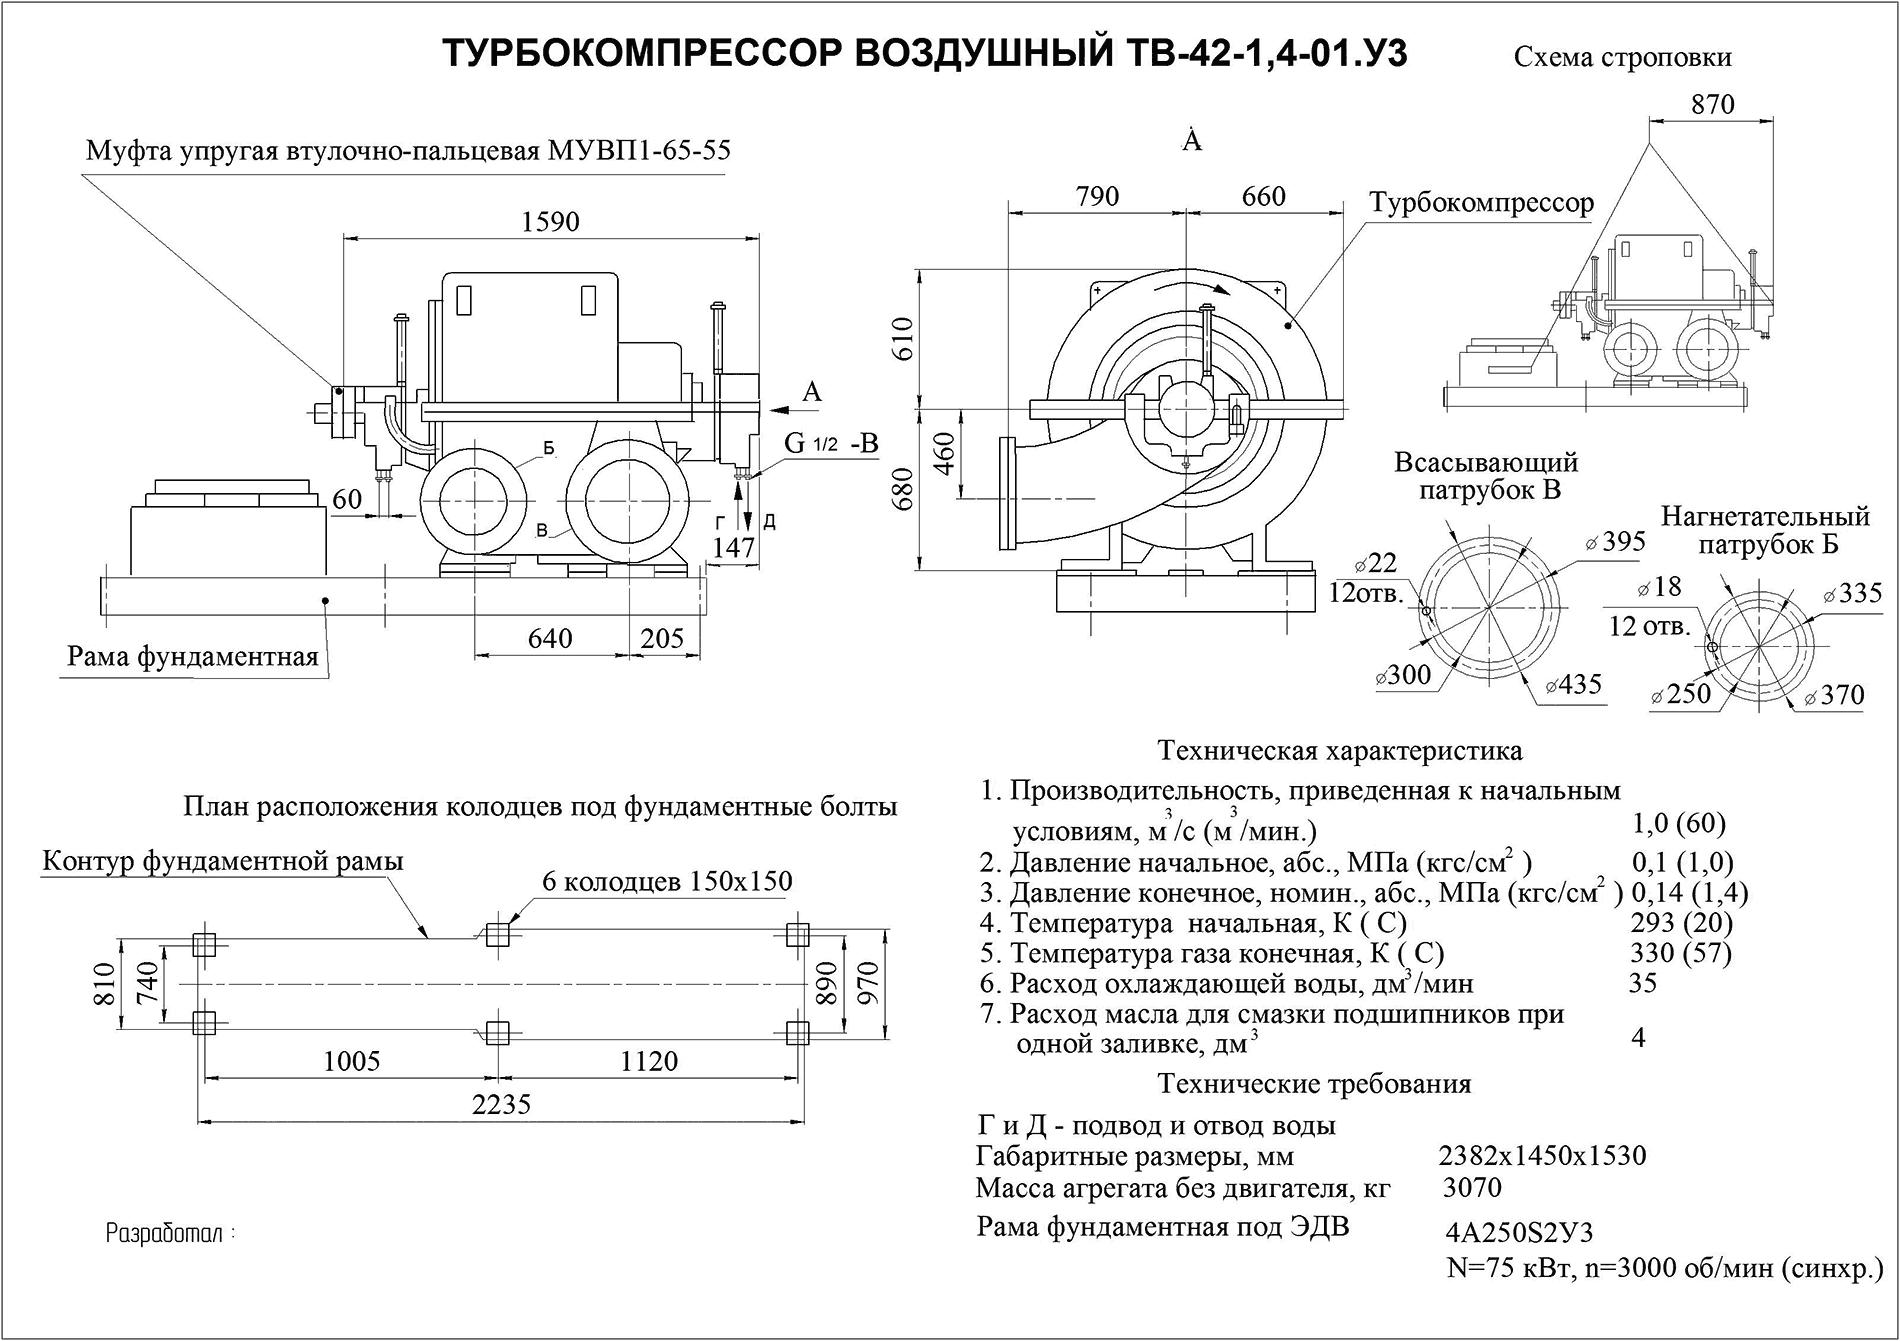 Техническое описание турбокомпрессора многоступенчатого ТВ-42-1,4